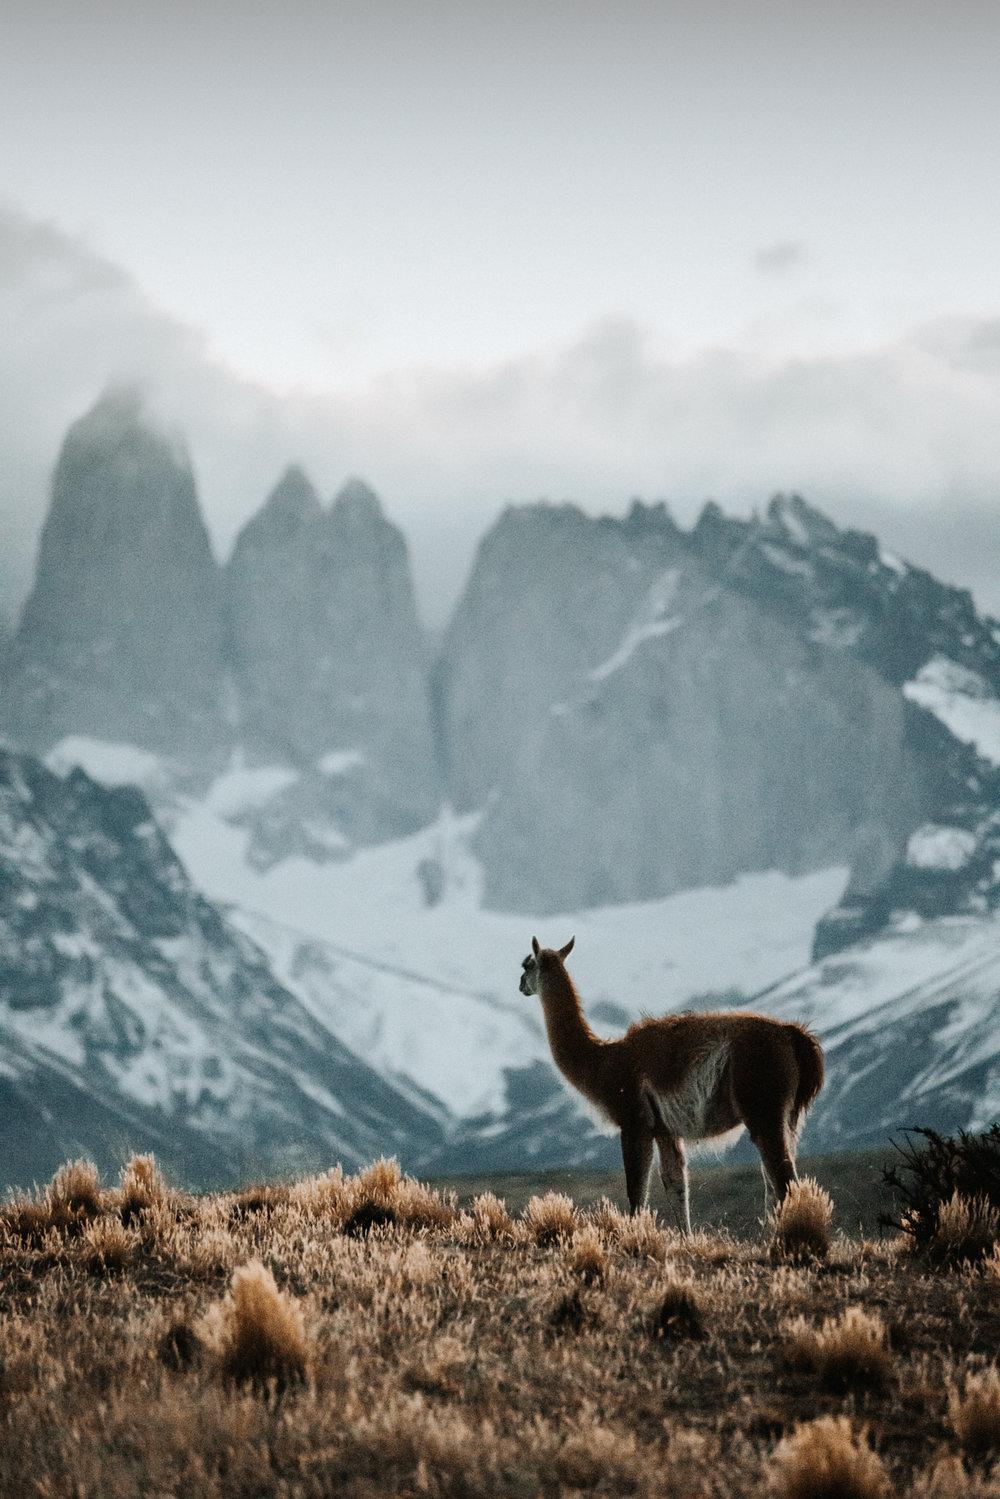 Torres del Paine. 150mm lens.